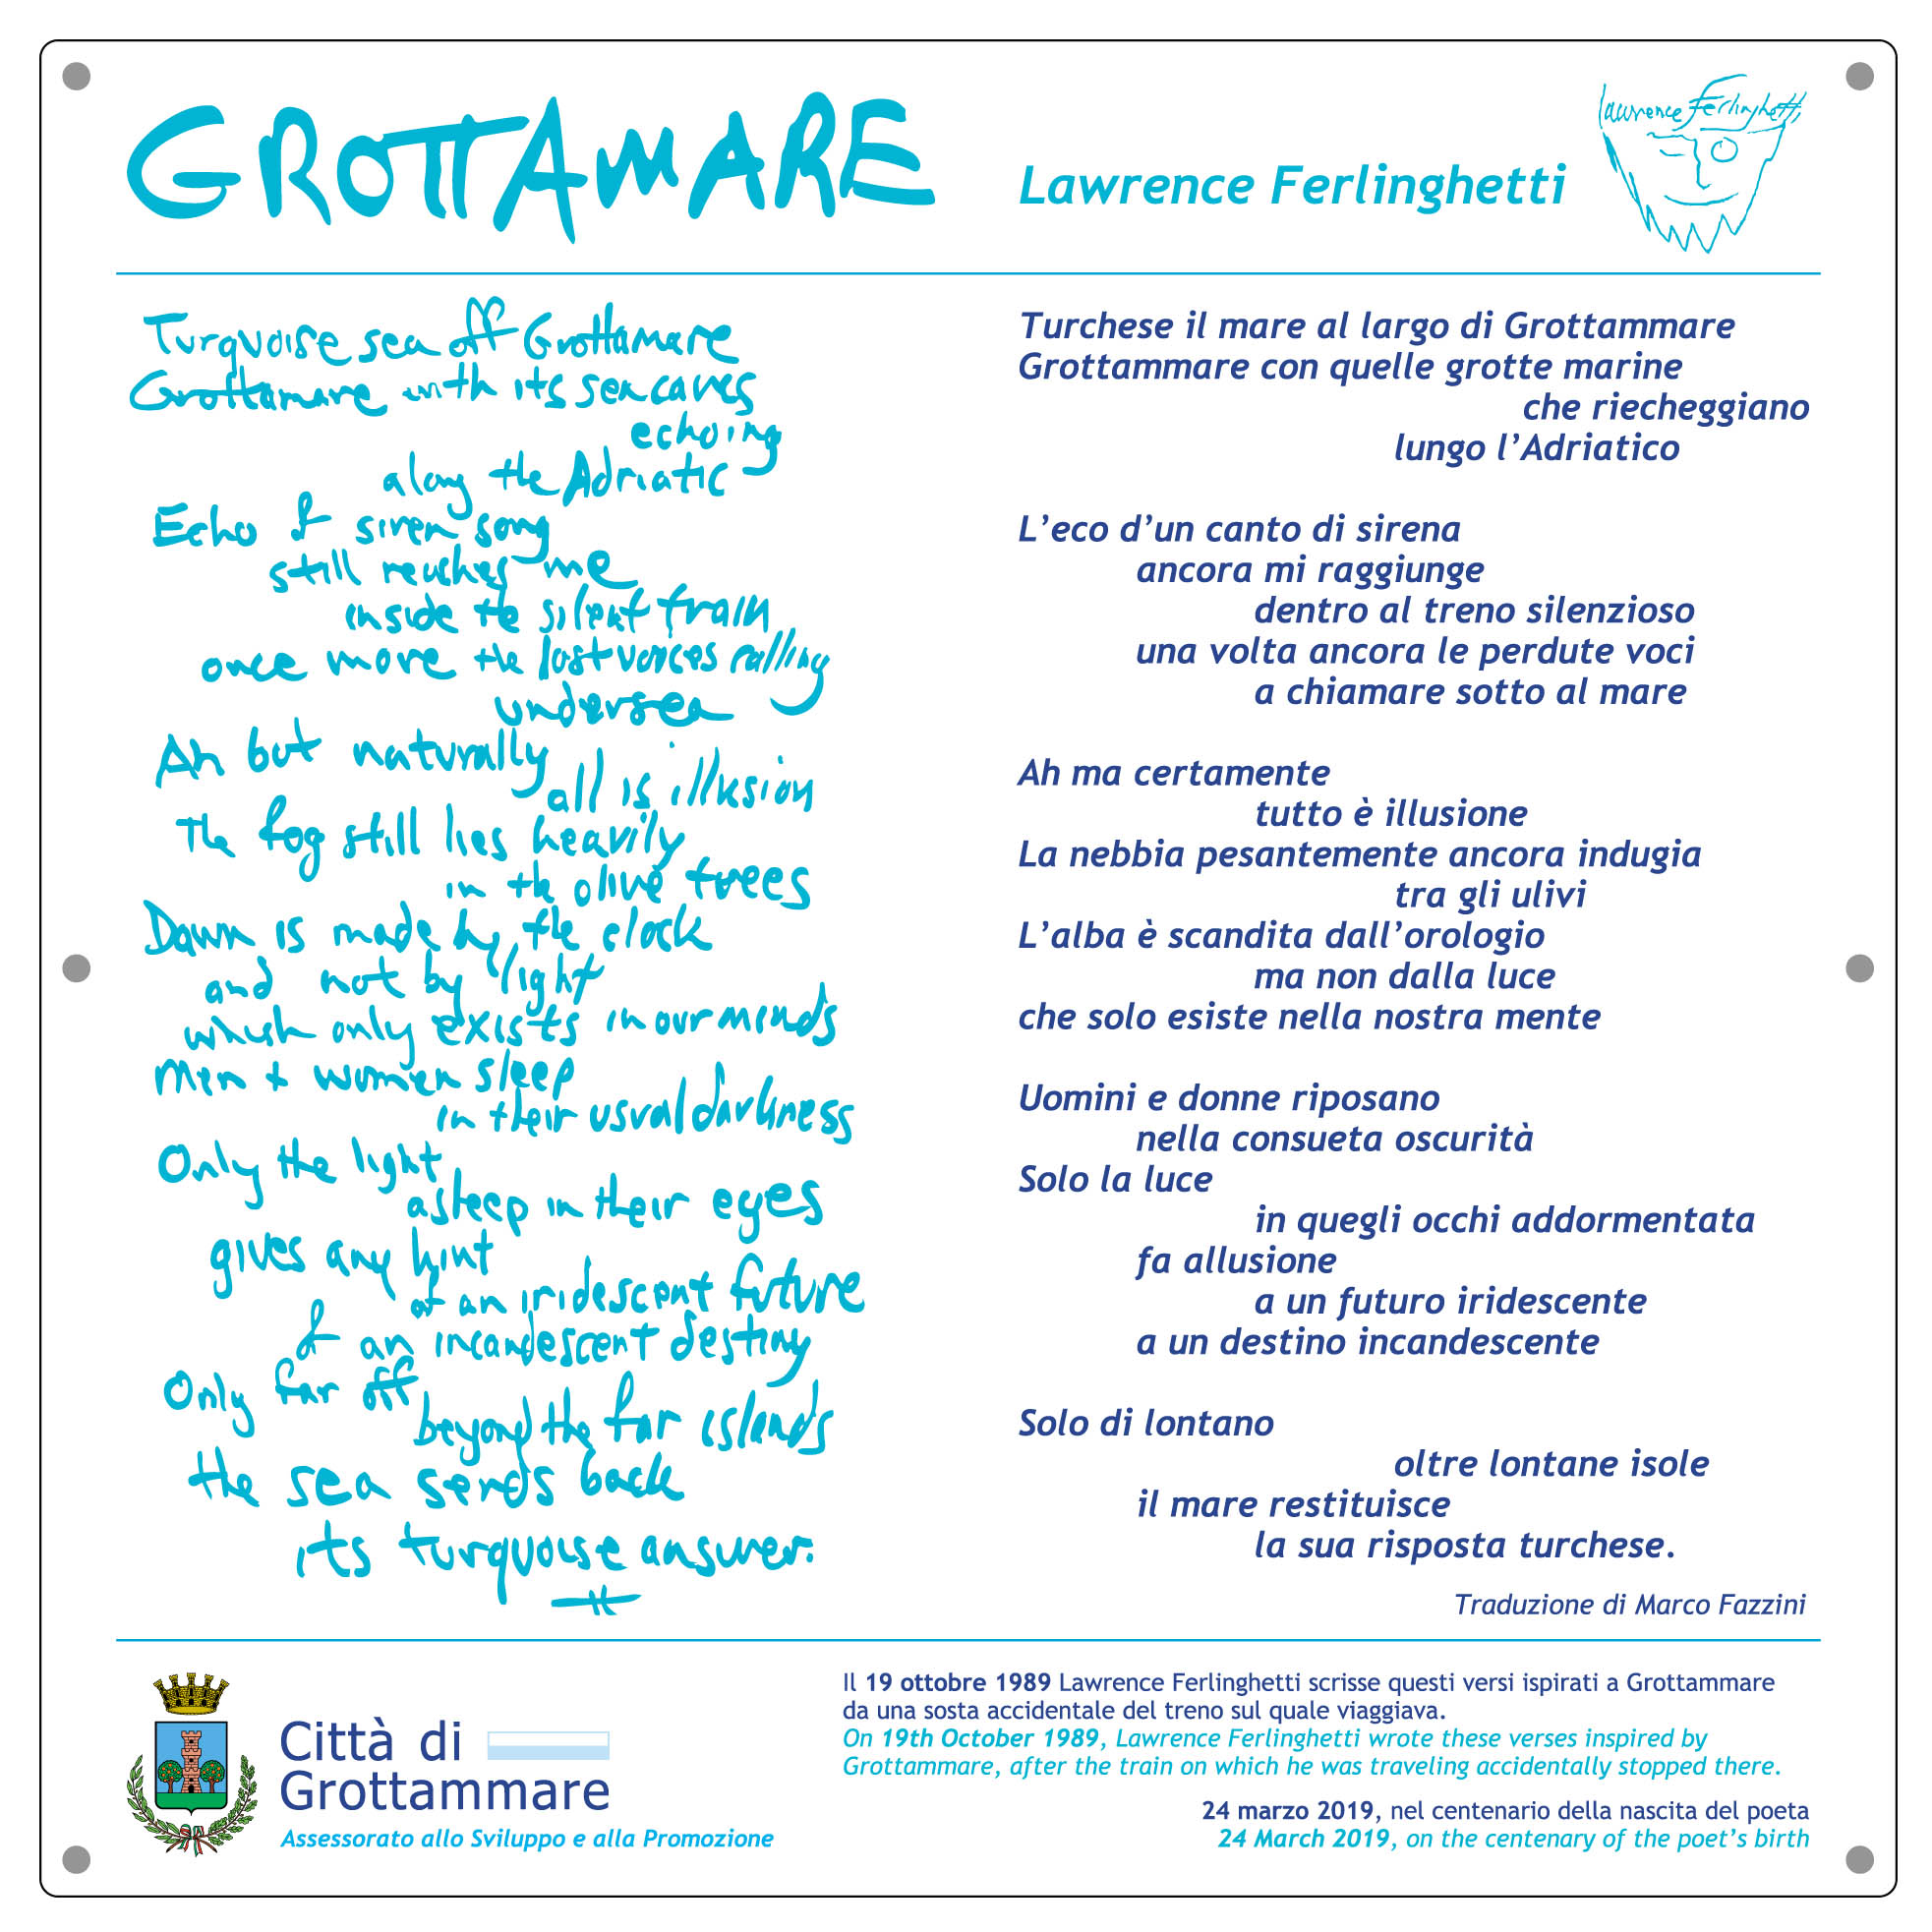 Grottammare, Lawrence Ferlinghetti (Il Martino - ilmartino.it -) M'Art - Arte e Cultura -